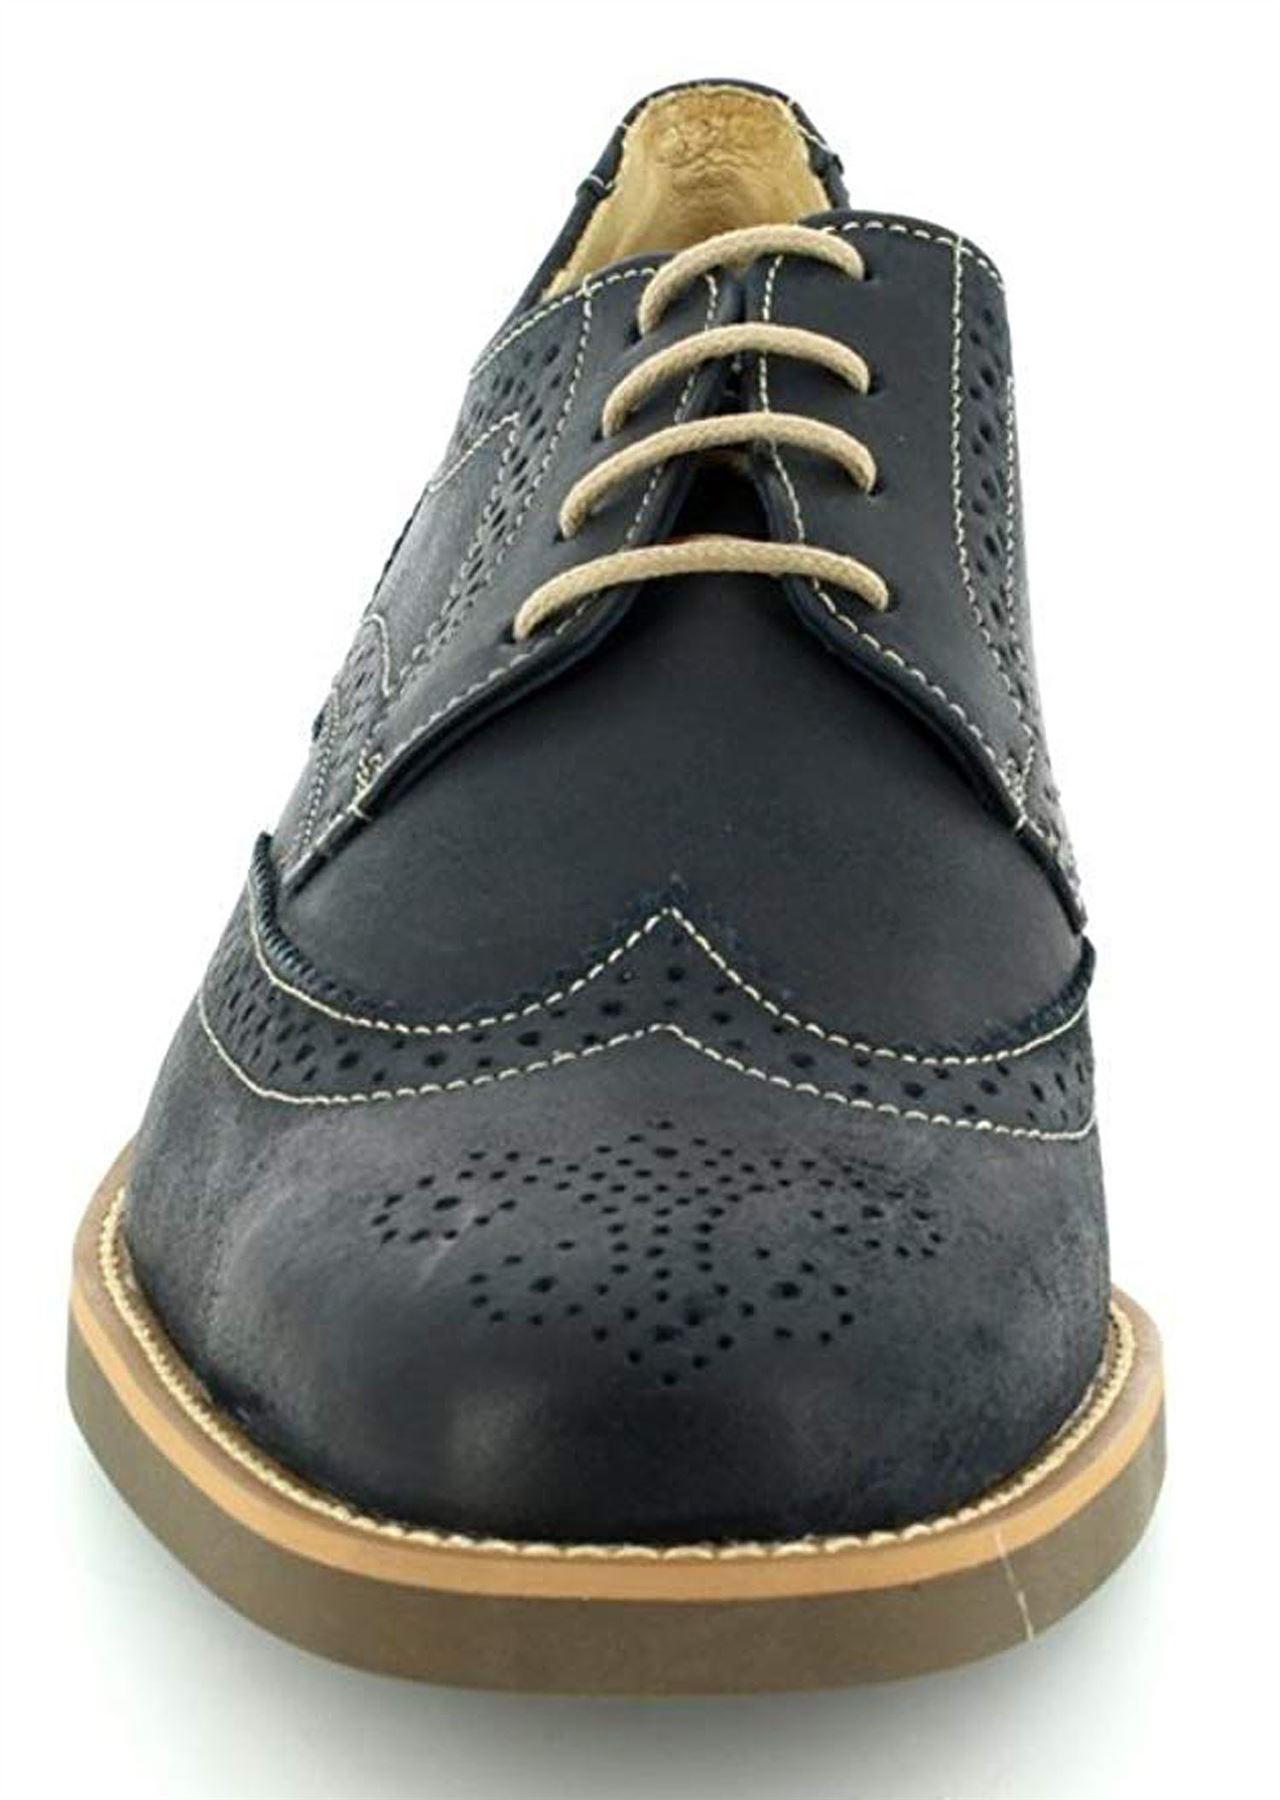 Zapatos de cuero Anatomic para hombre & TUCANO De Piel De Oveja Forrado & hombre Co Cómodos de Lujo Gel 39946a